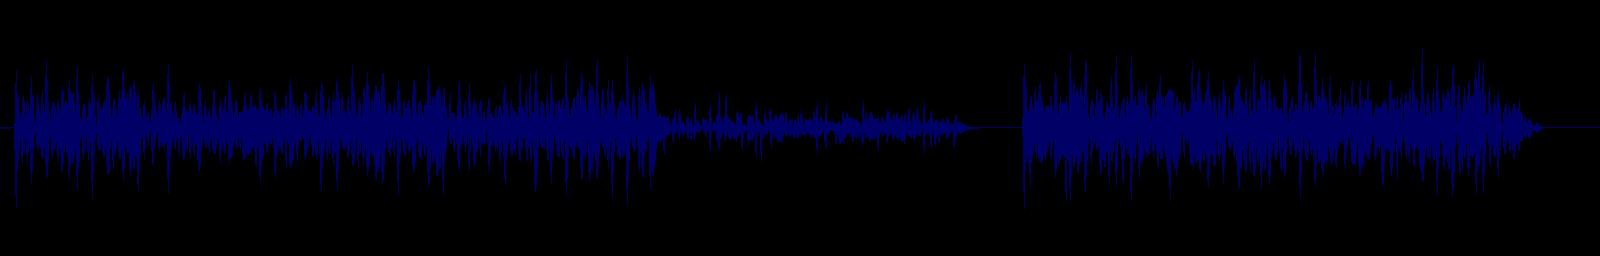 waveform of track #129130